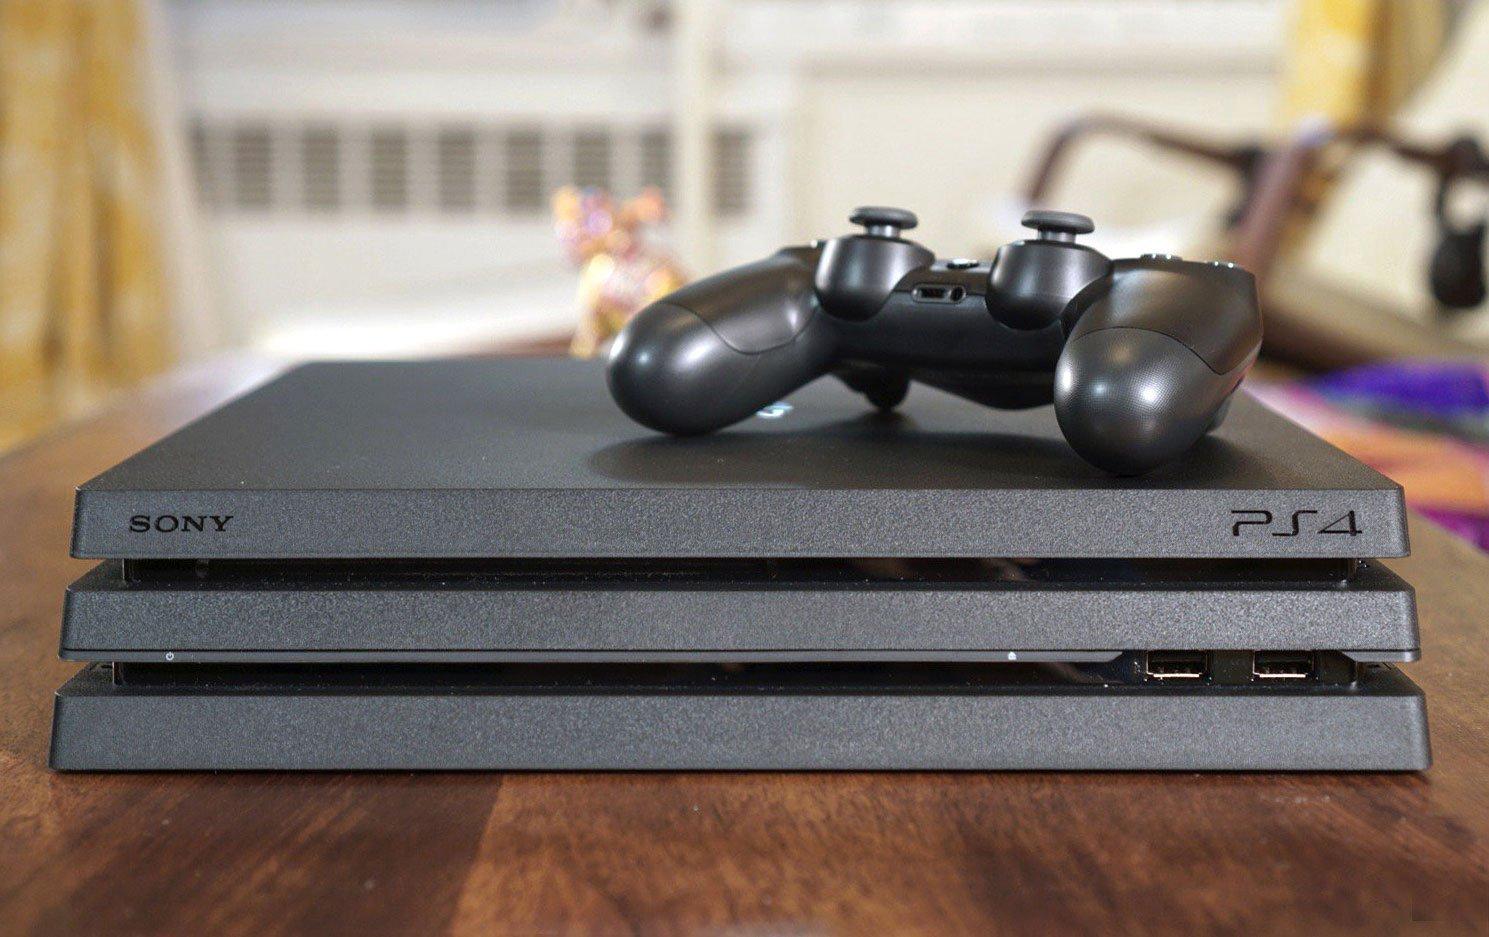 Консоль Play Station 4 получит новый контроллер